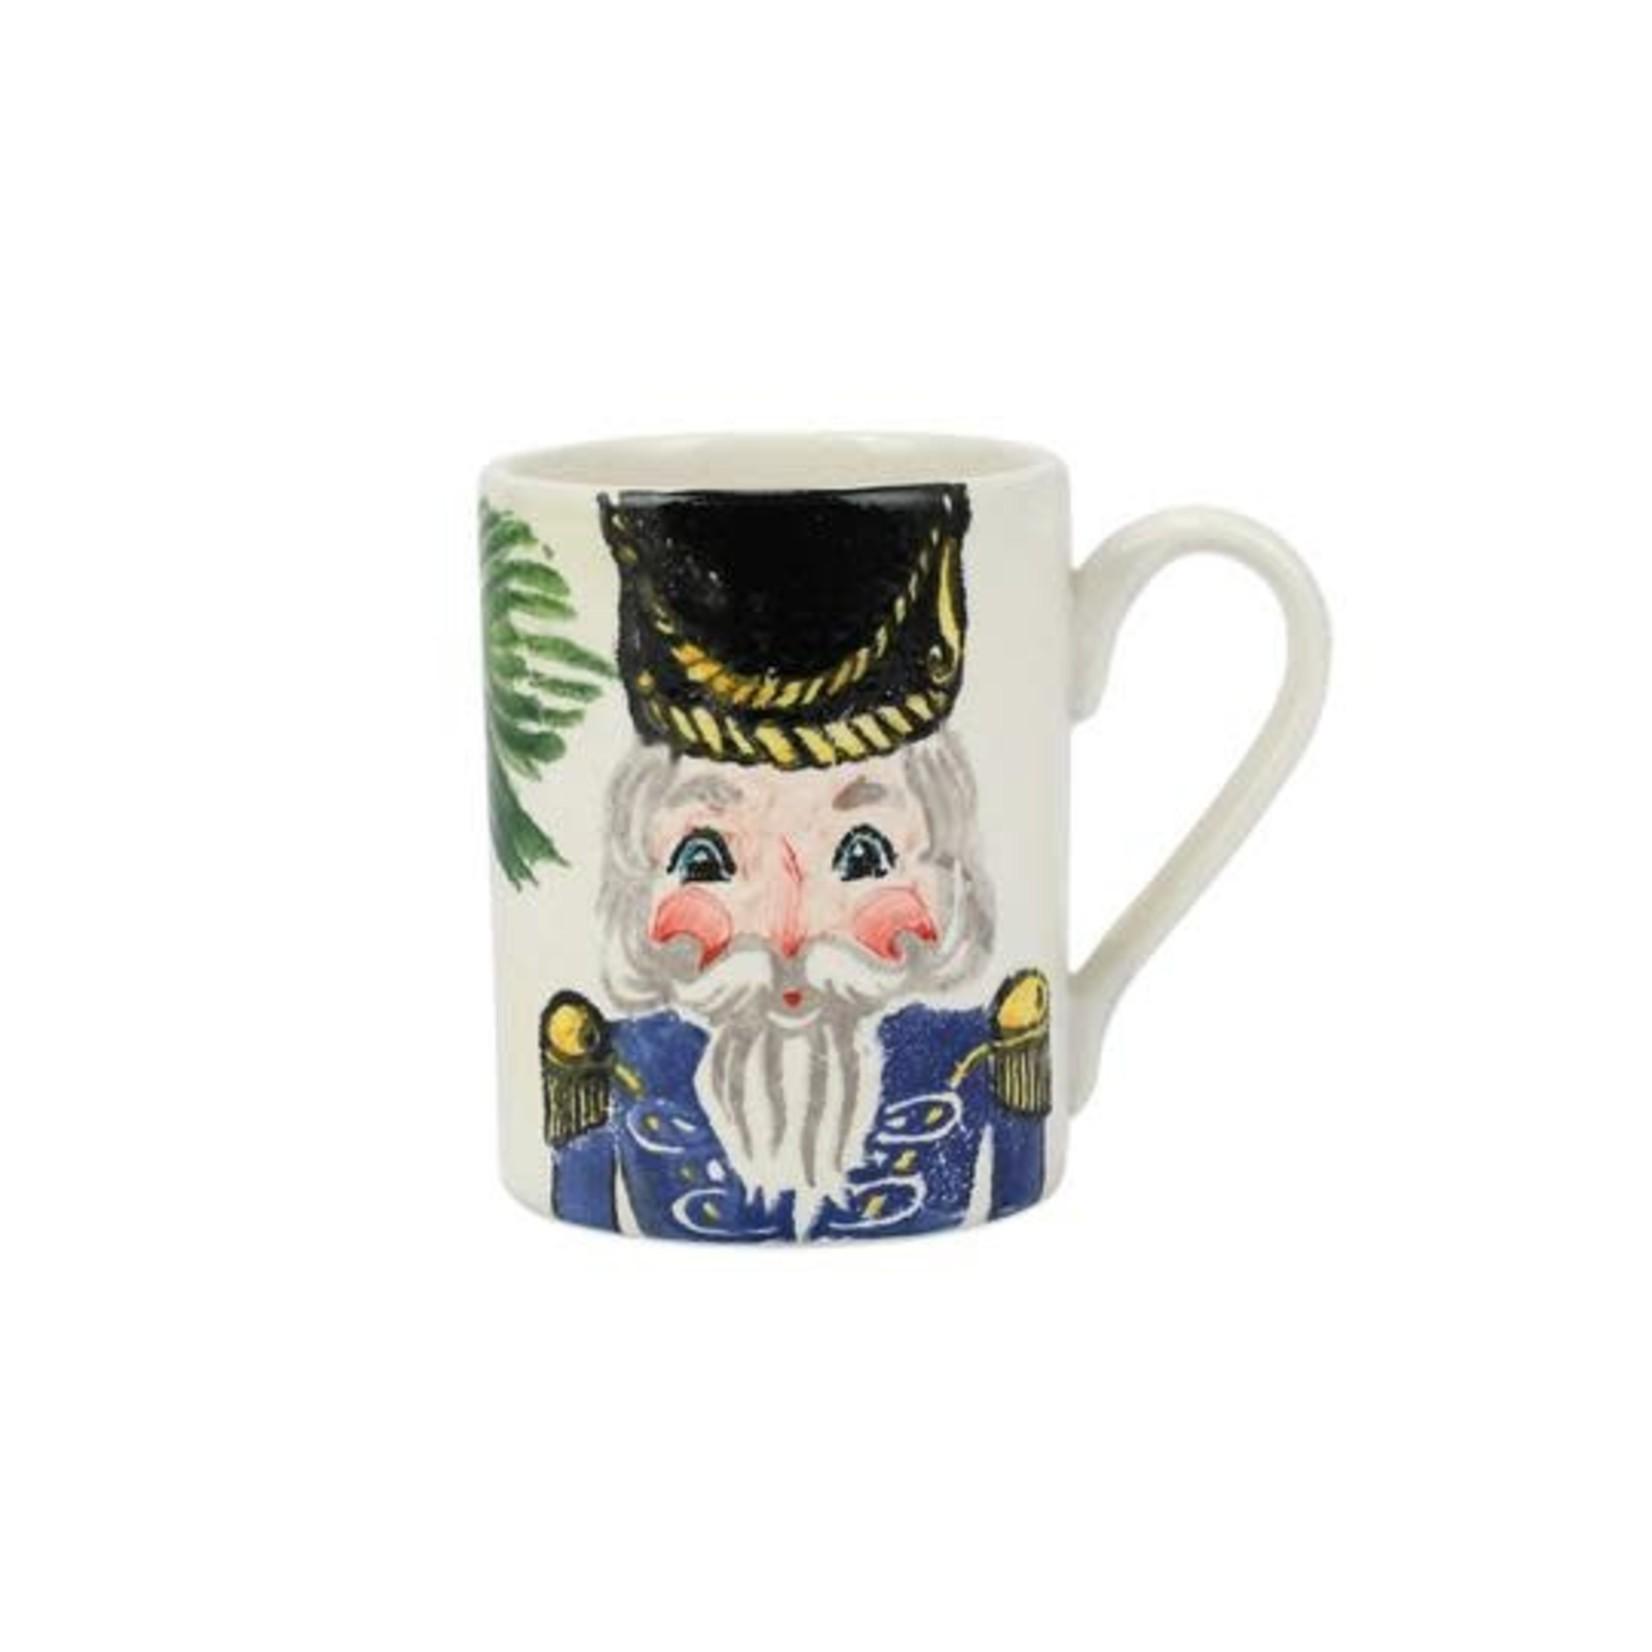 Nutcracker Mug Blue